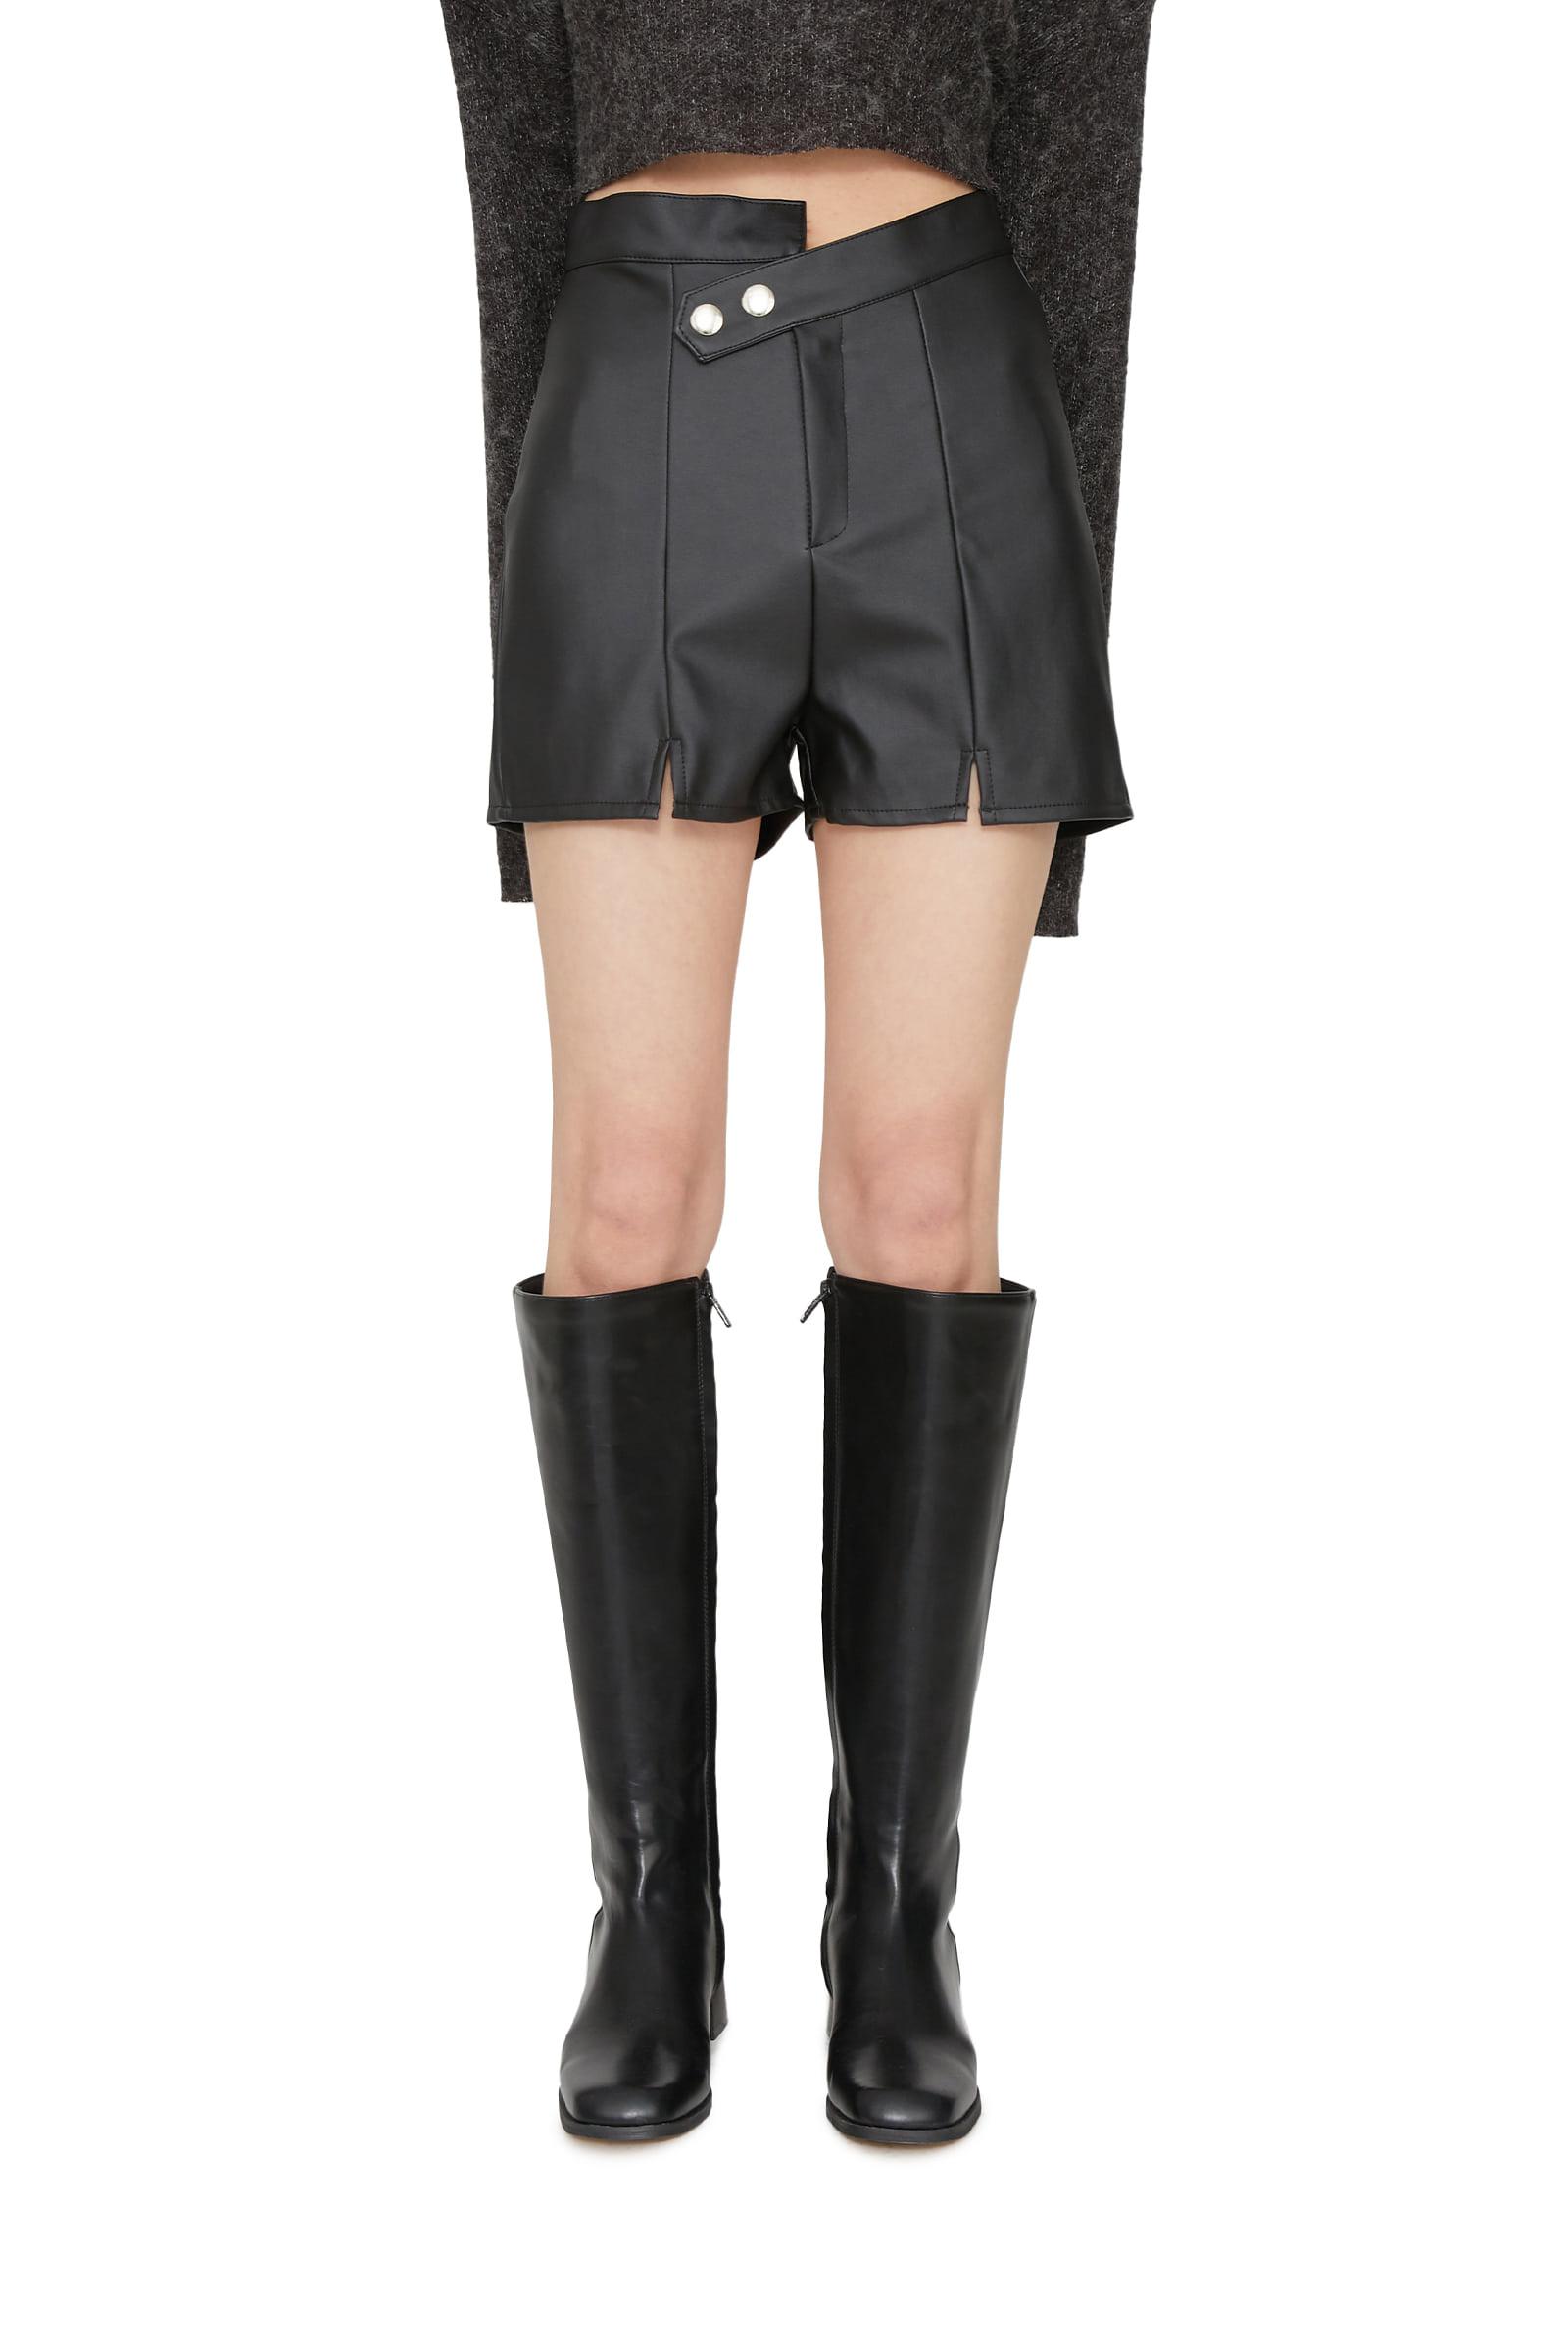 Oz leather shorts